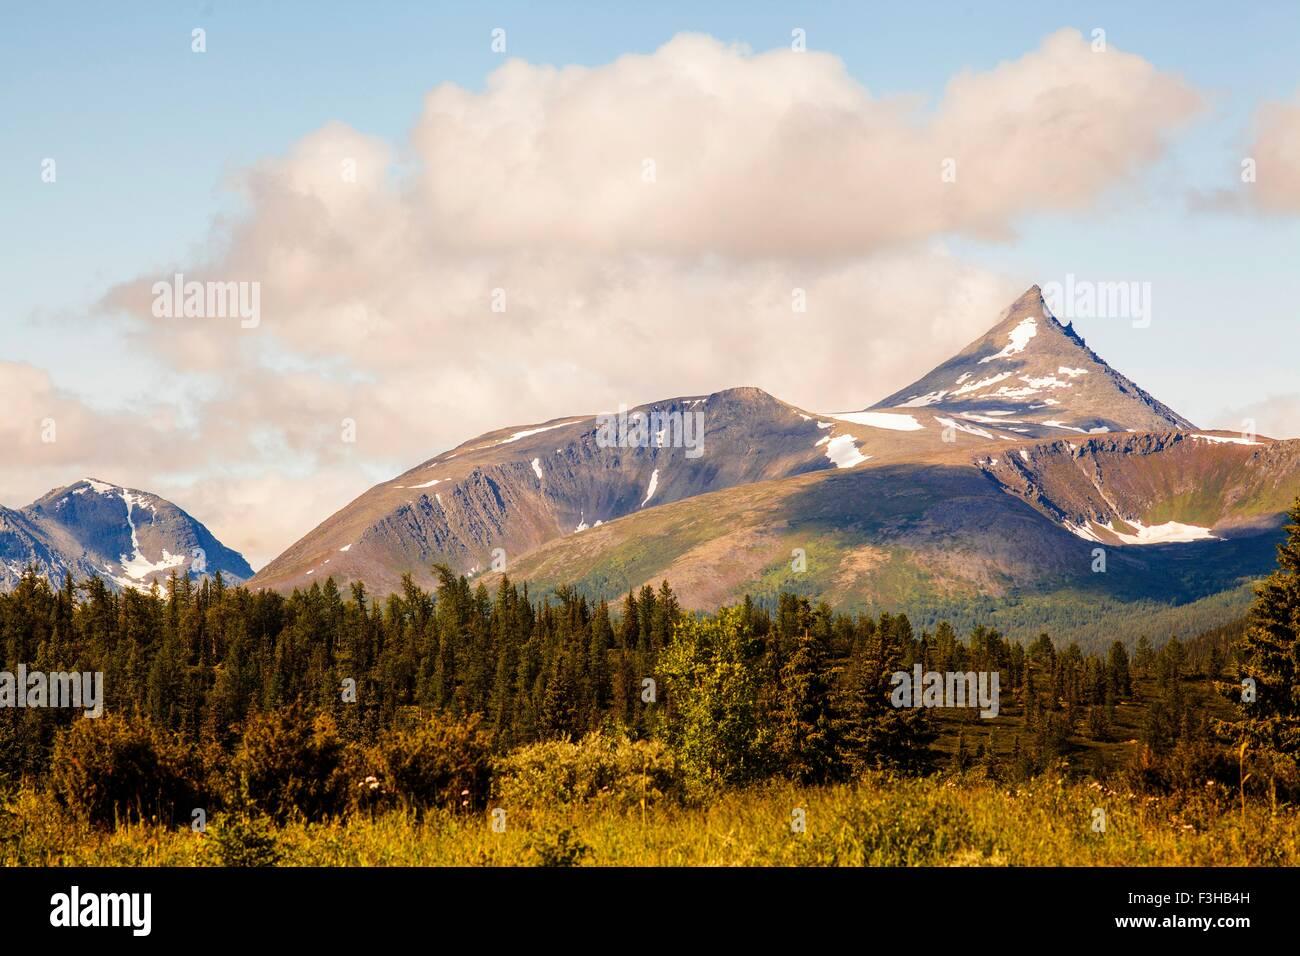 Ansicht des Berges Gipfel und Wald, Uralgebirge, Russland